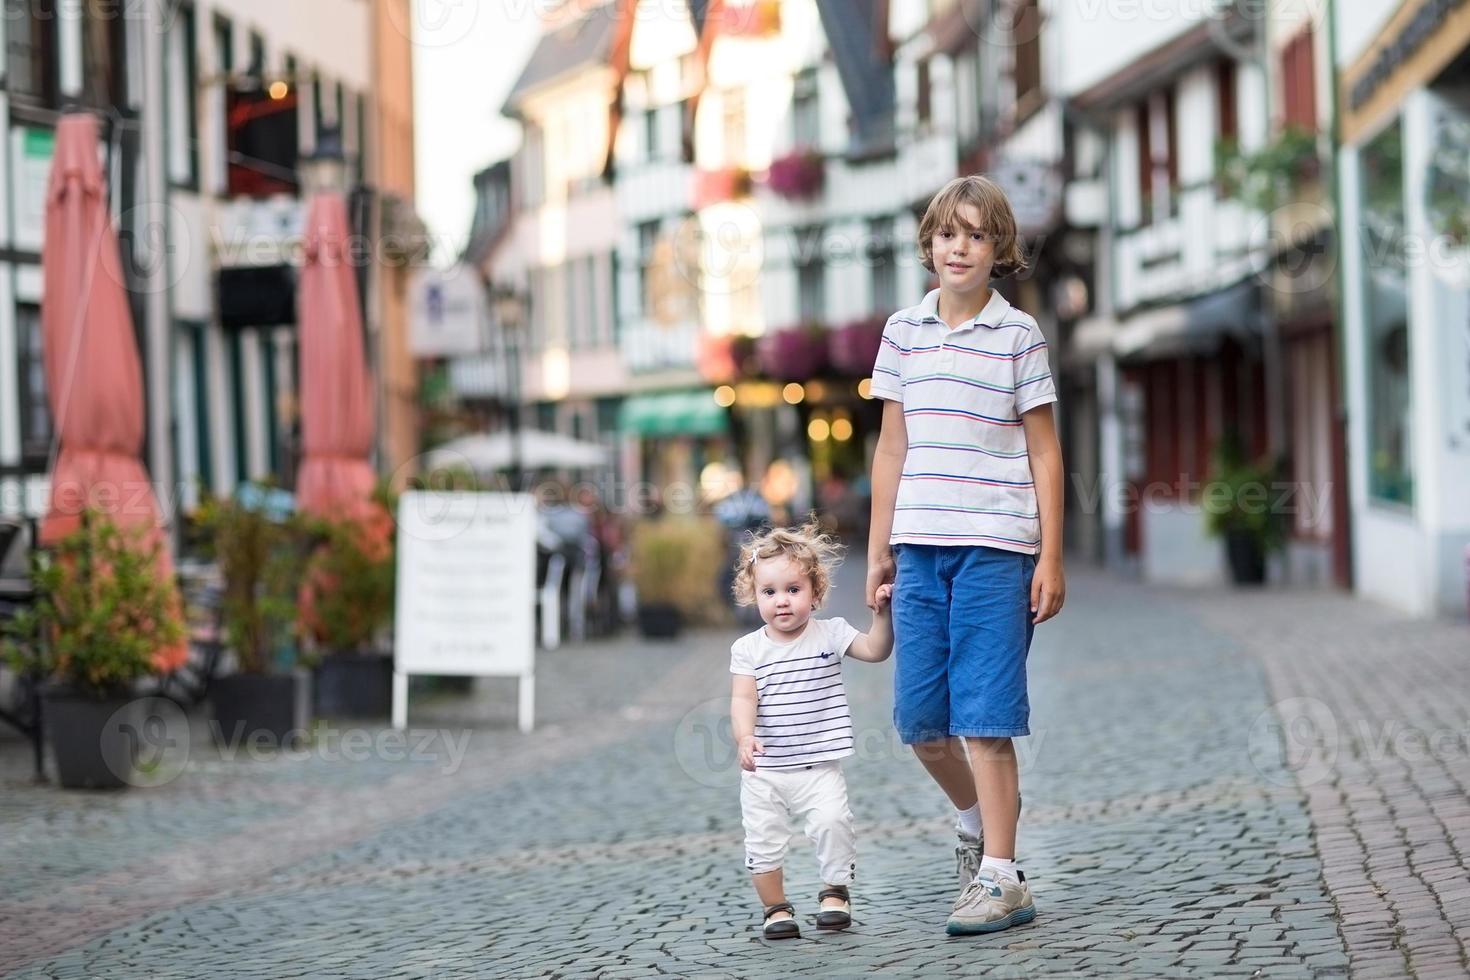 broer en zijn zusje wandelen in het historische stadscentrum foto